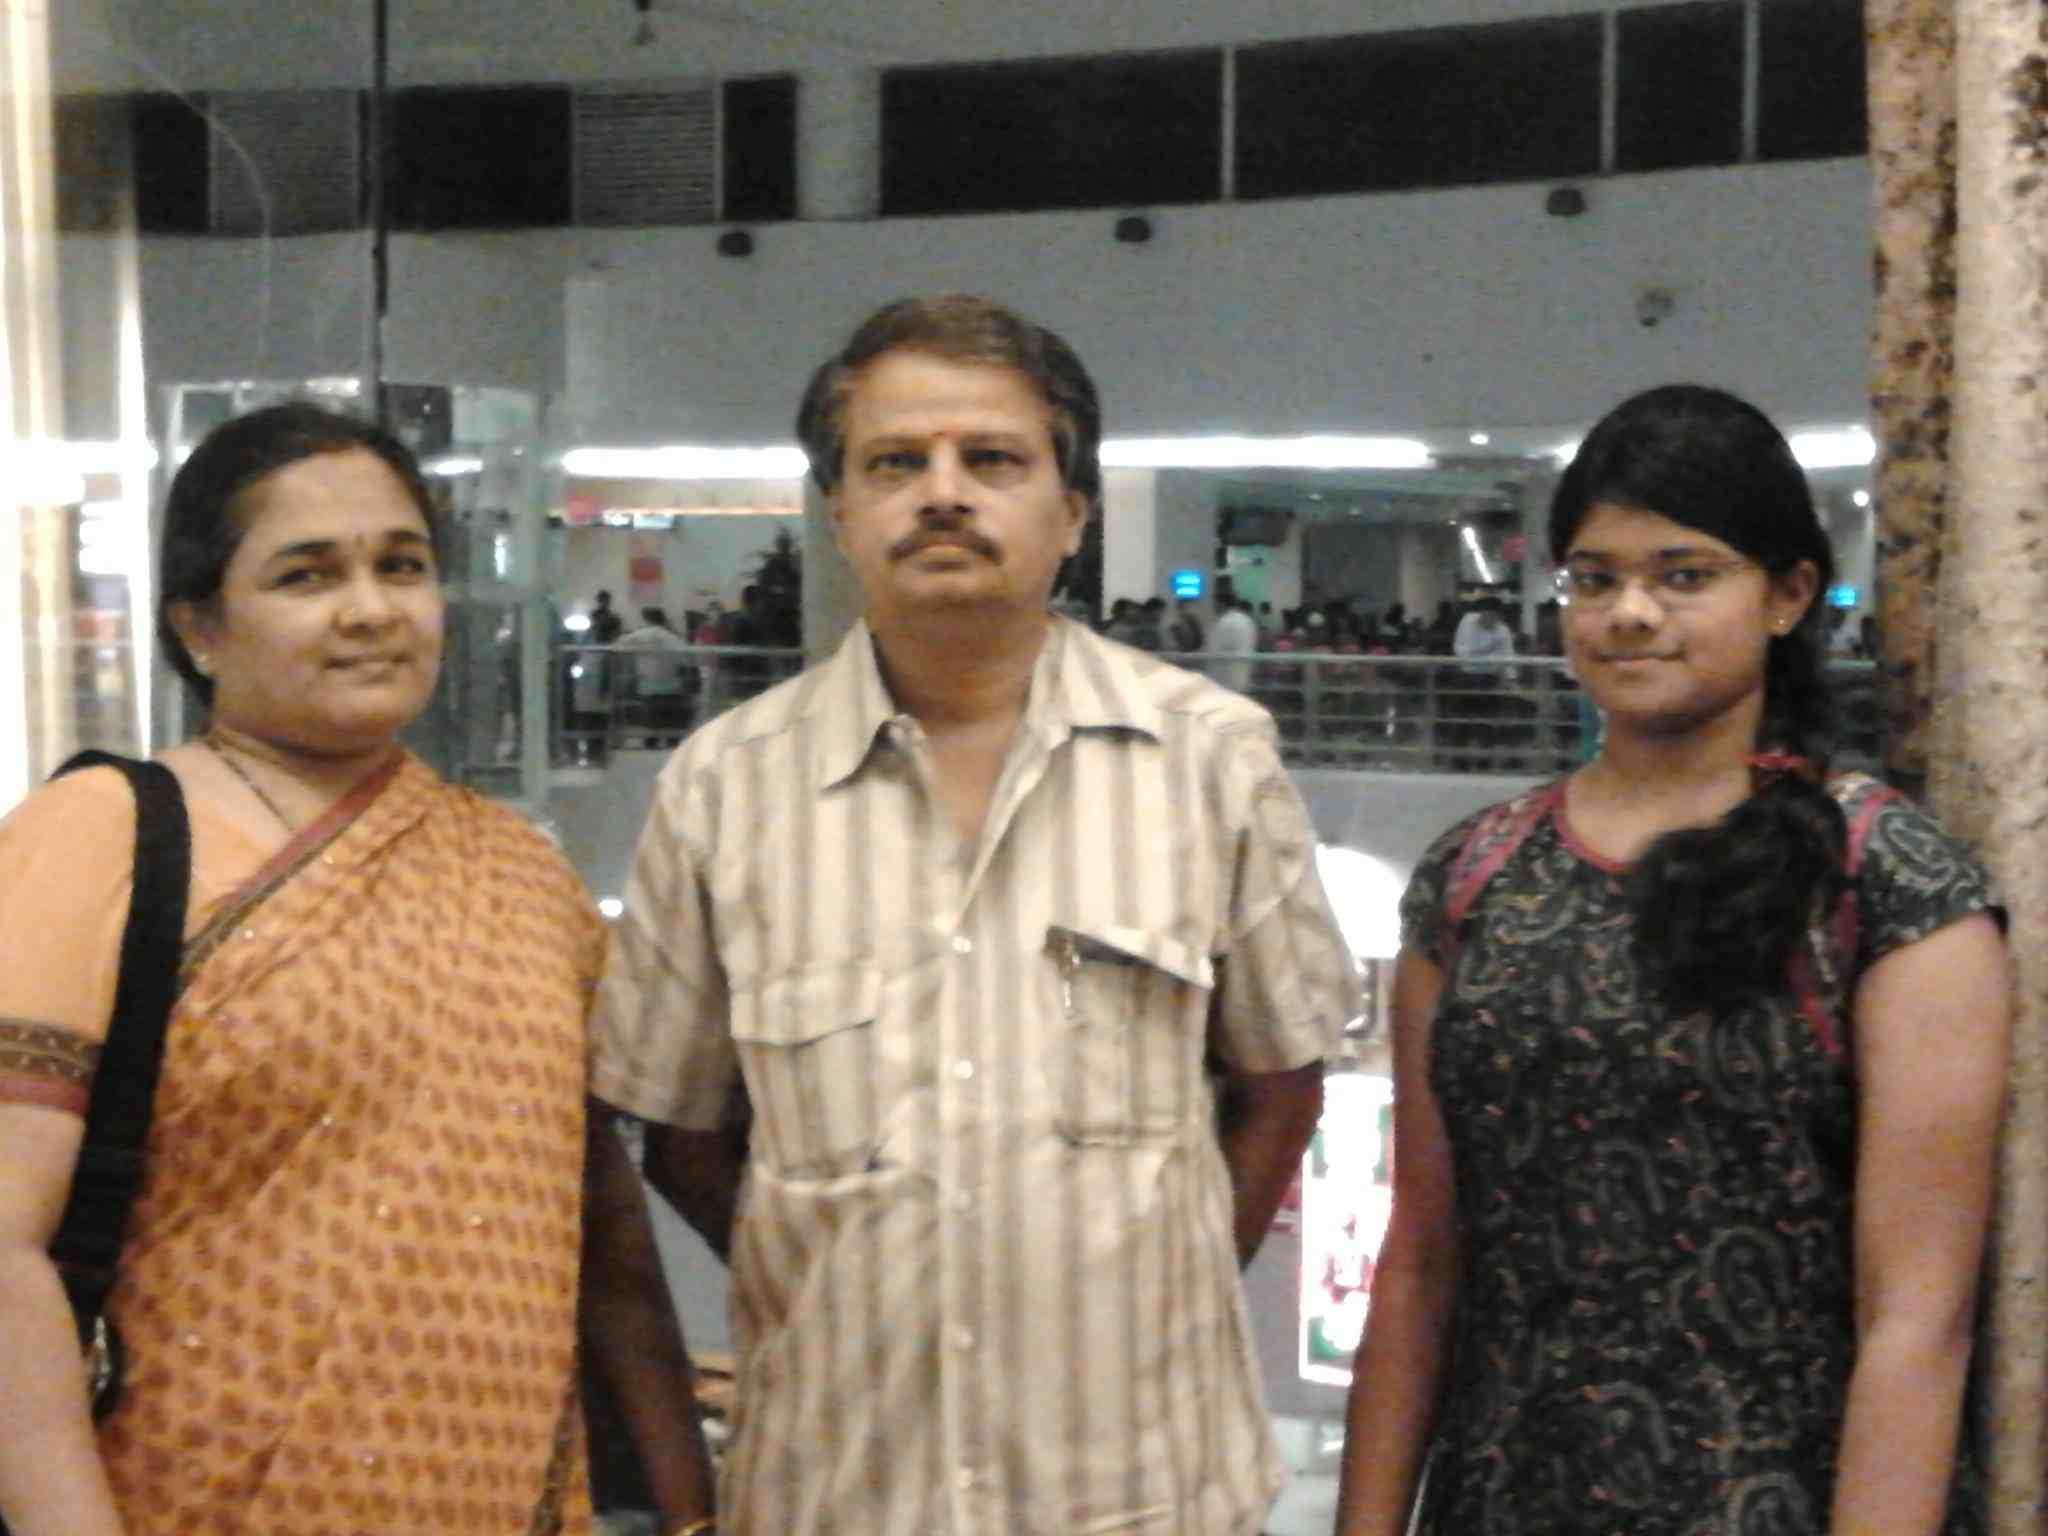 Manasa Varanasi parents and sister